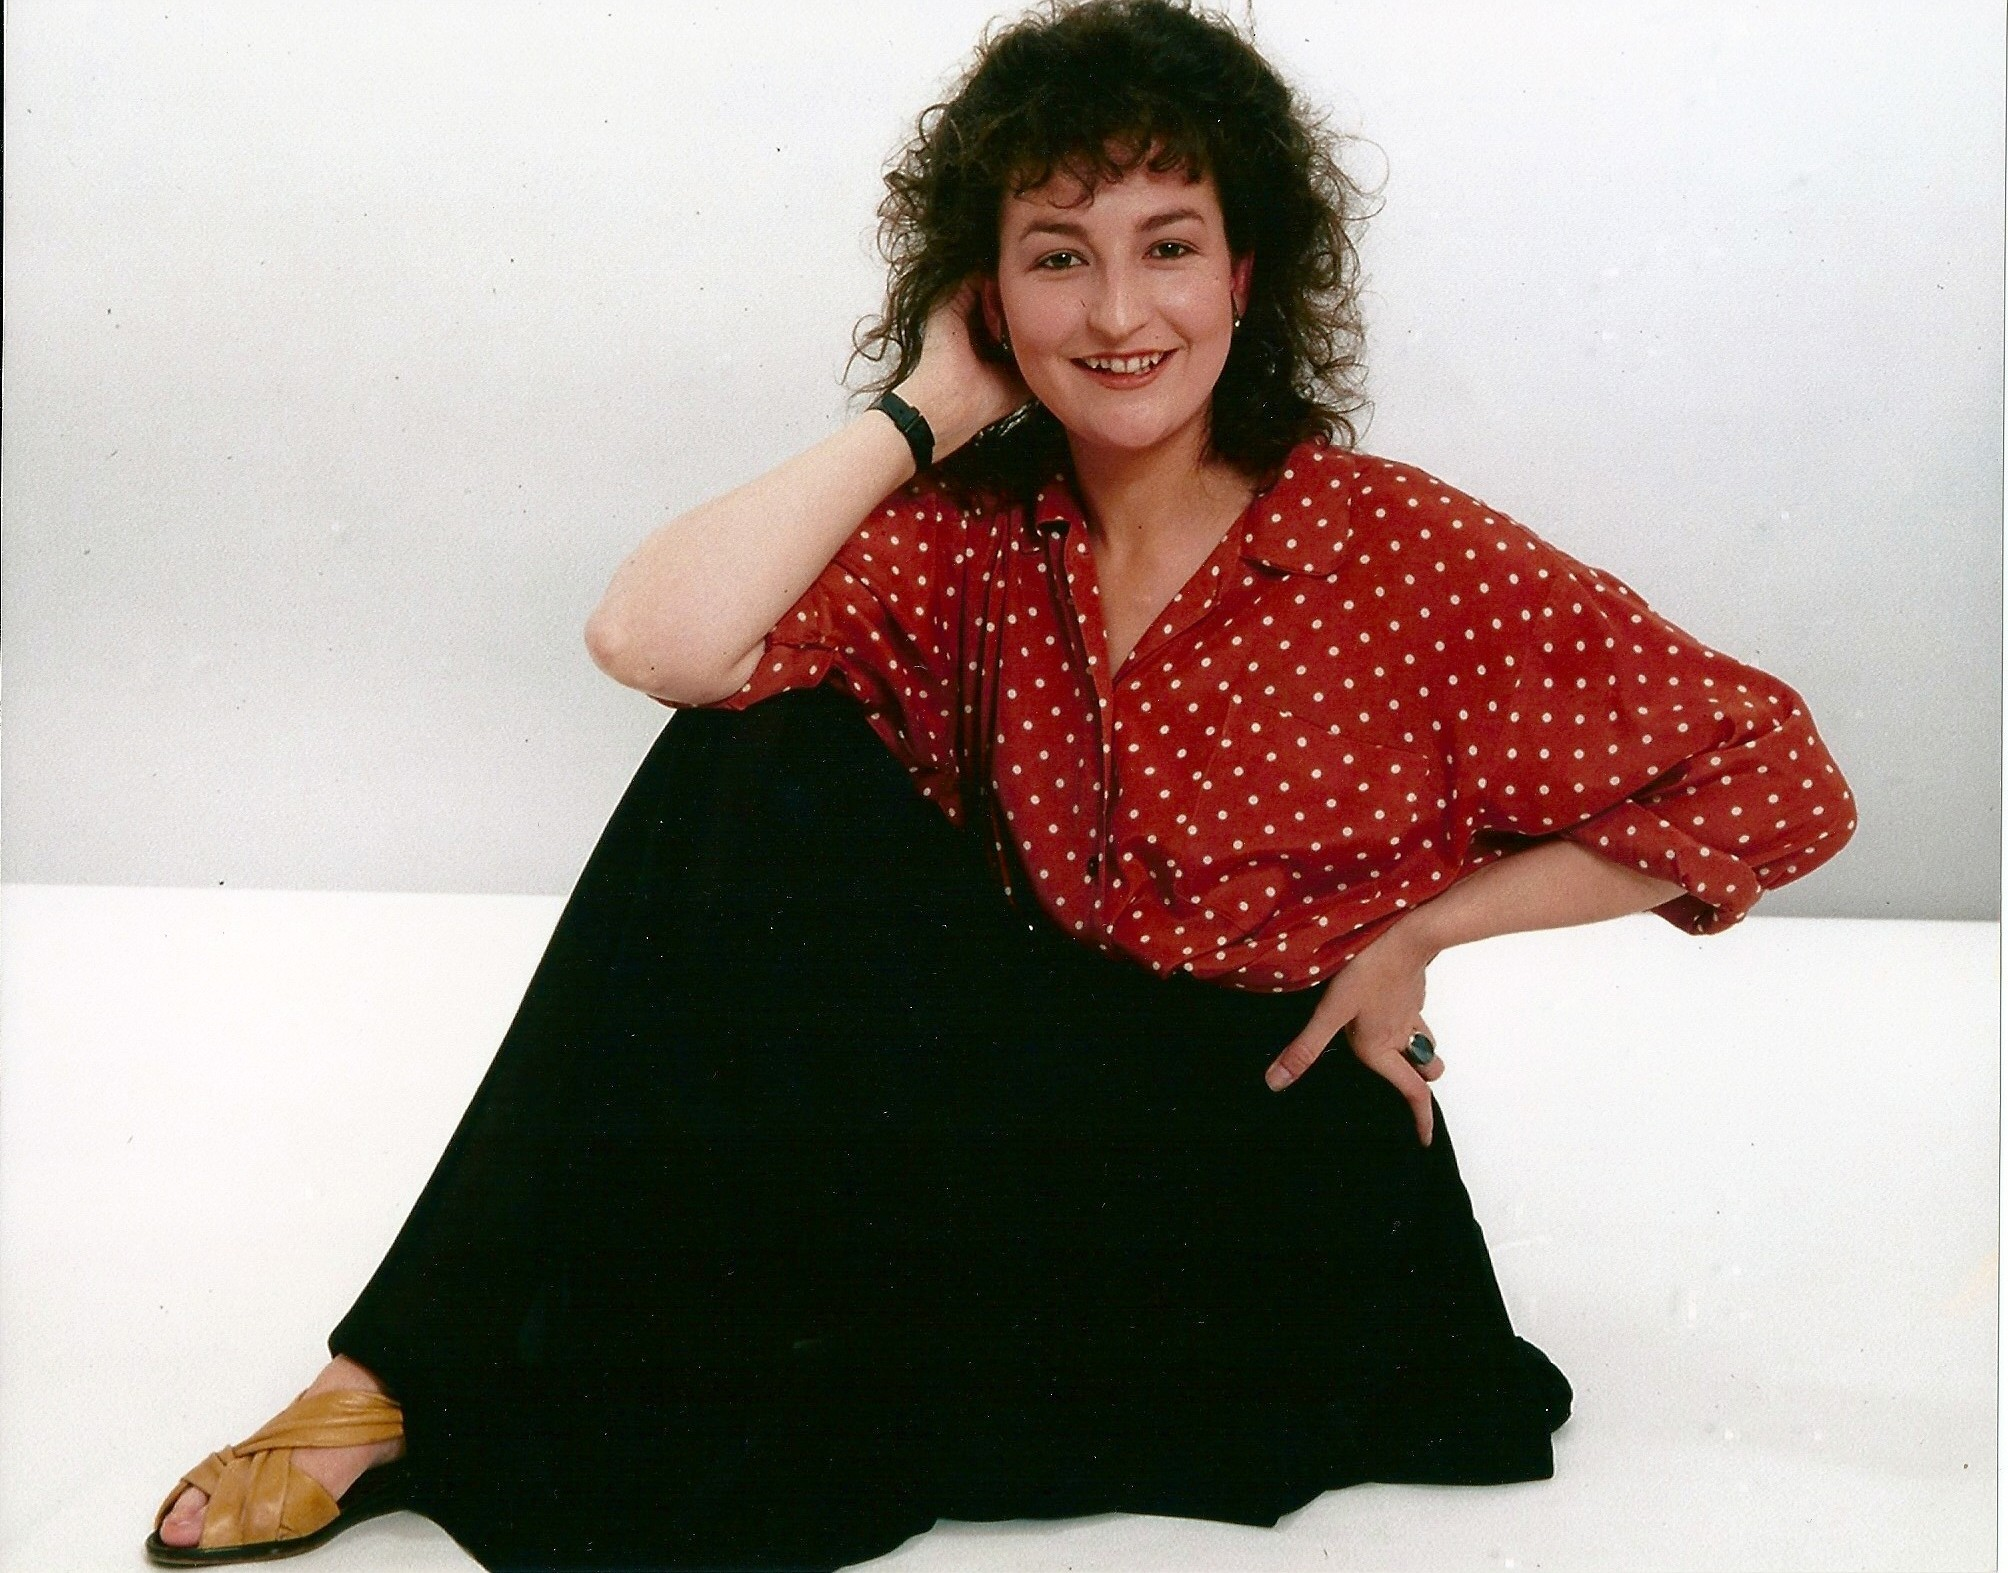 foto Blythe Duff (born 1962)